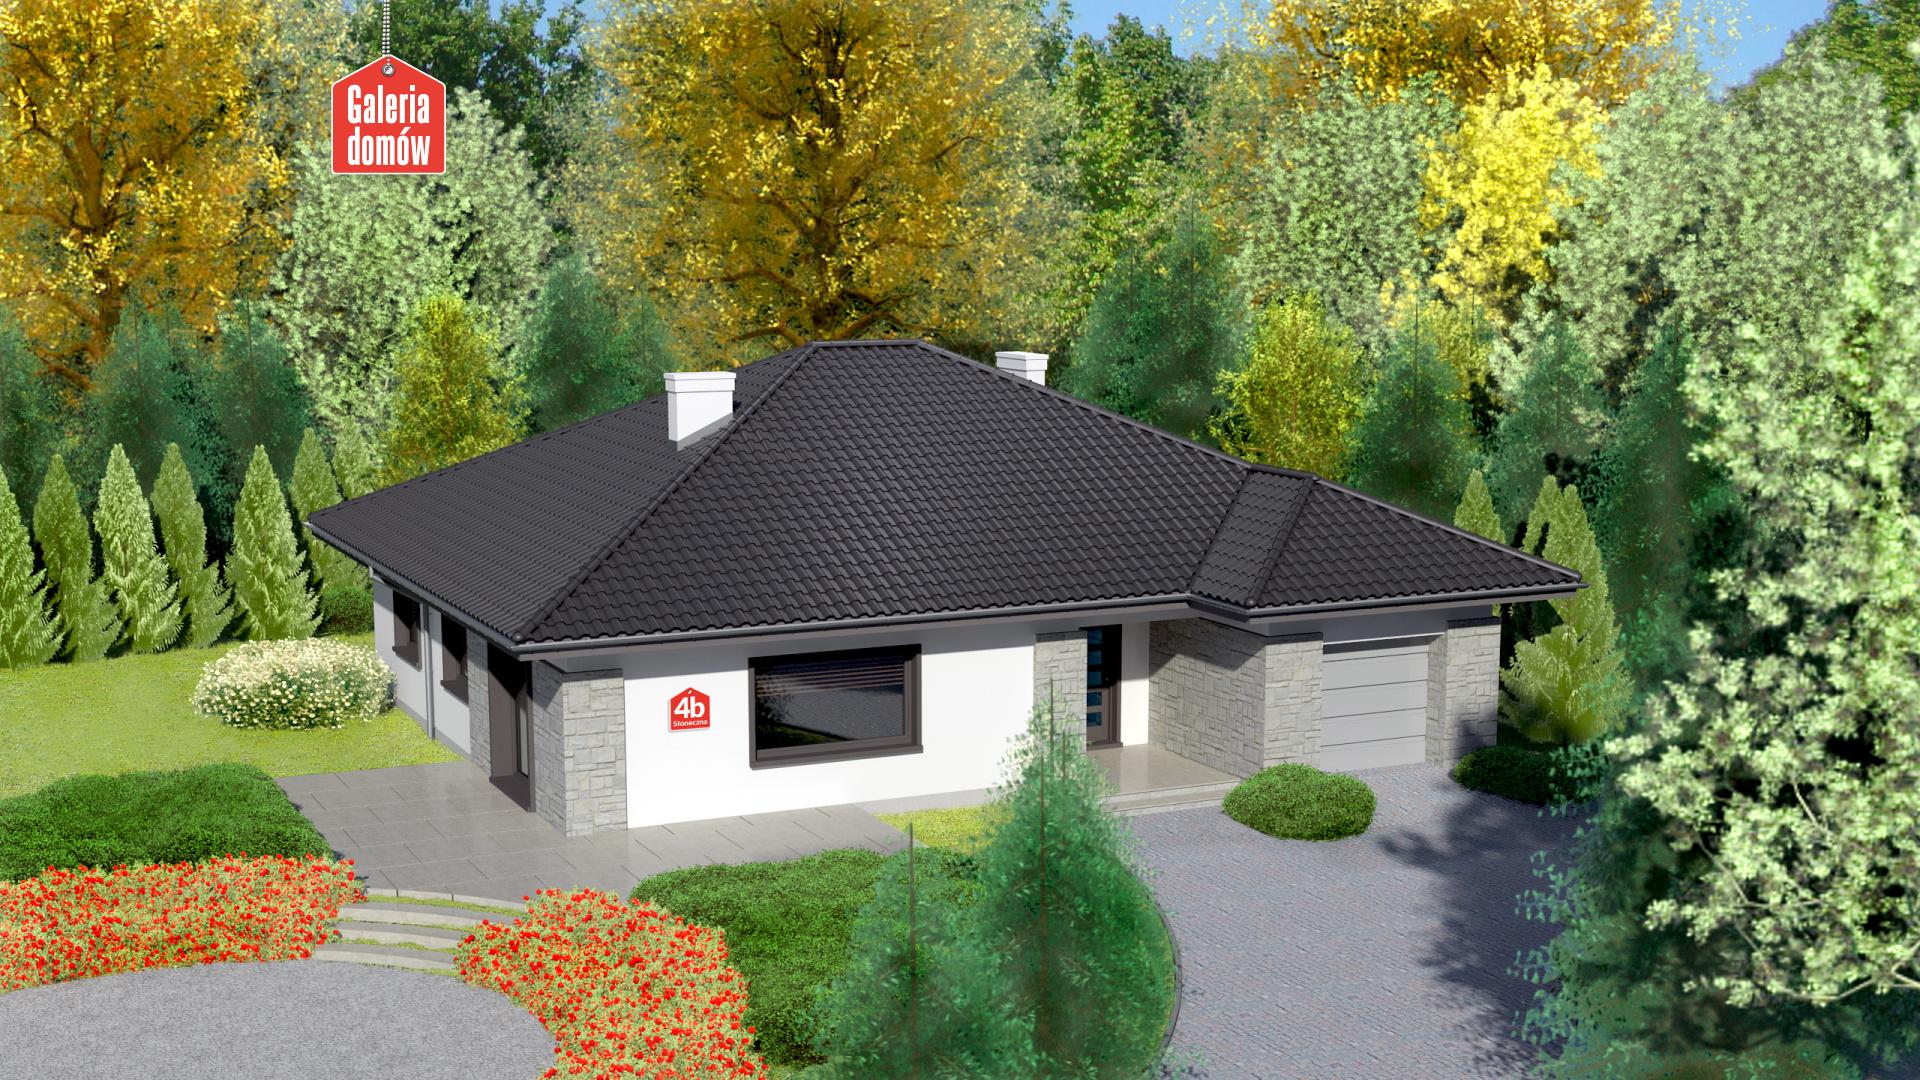 Dom przy Słonecznej 4 bis - zdjęcie projektu i wizualizacja